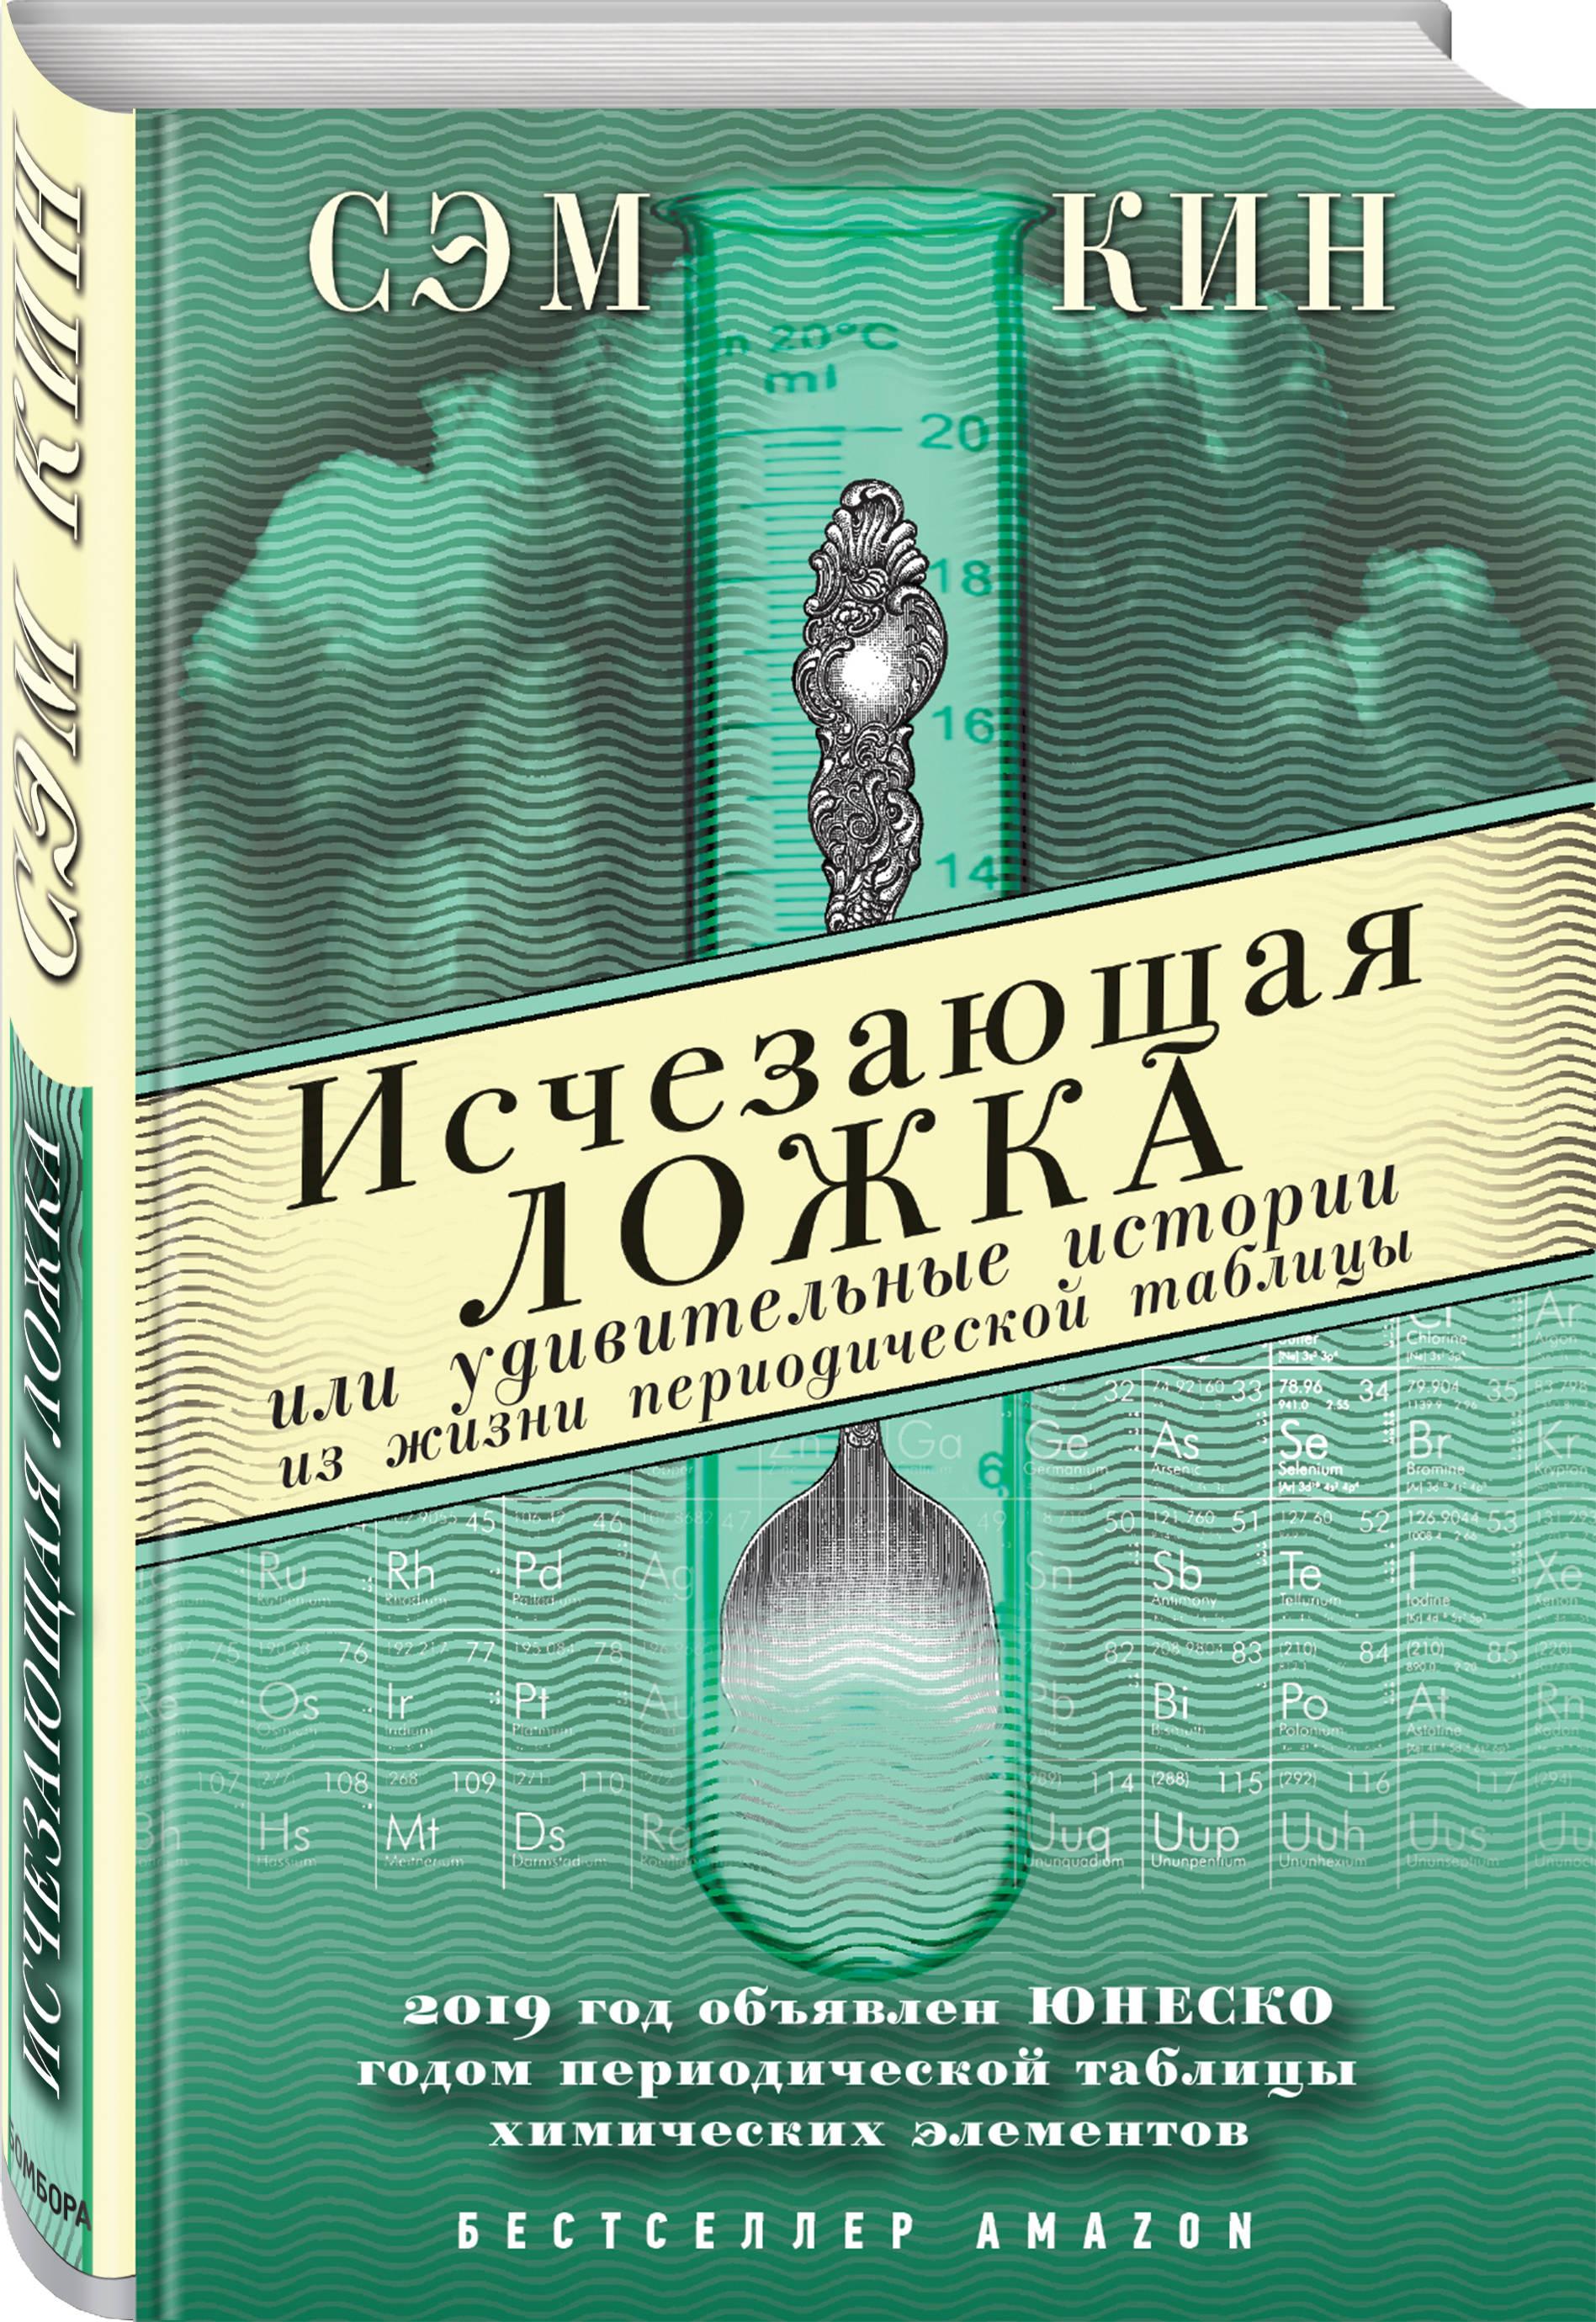 Сэм Кин Исчезающая ложка или Удивительные истории из жизни периодической таблицы Менделеева